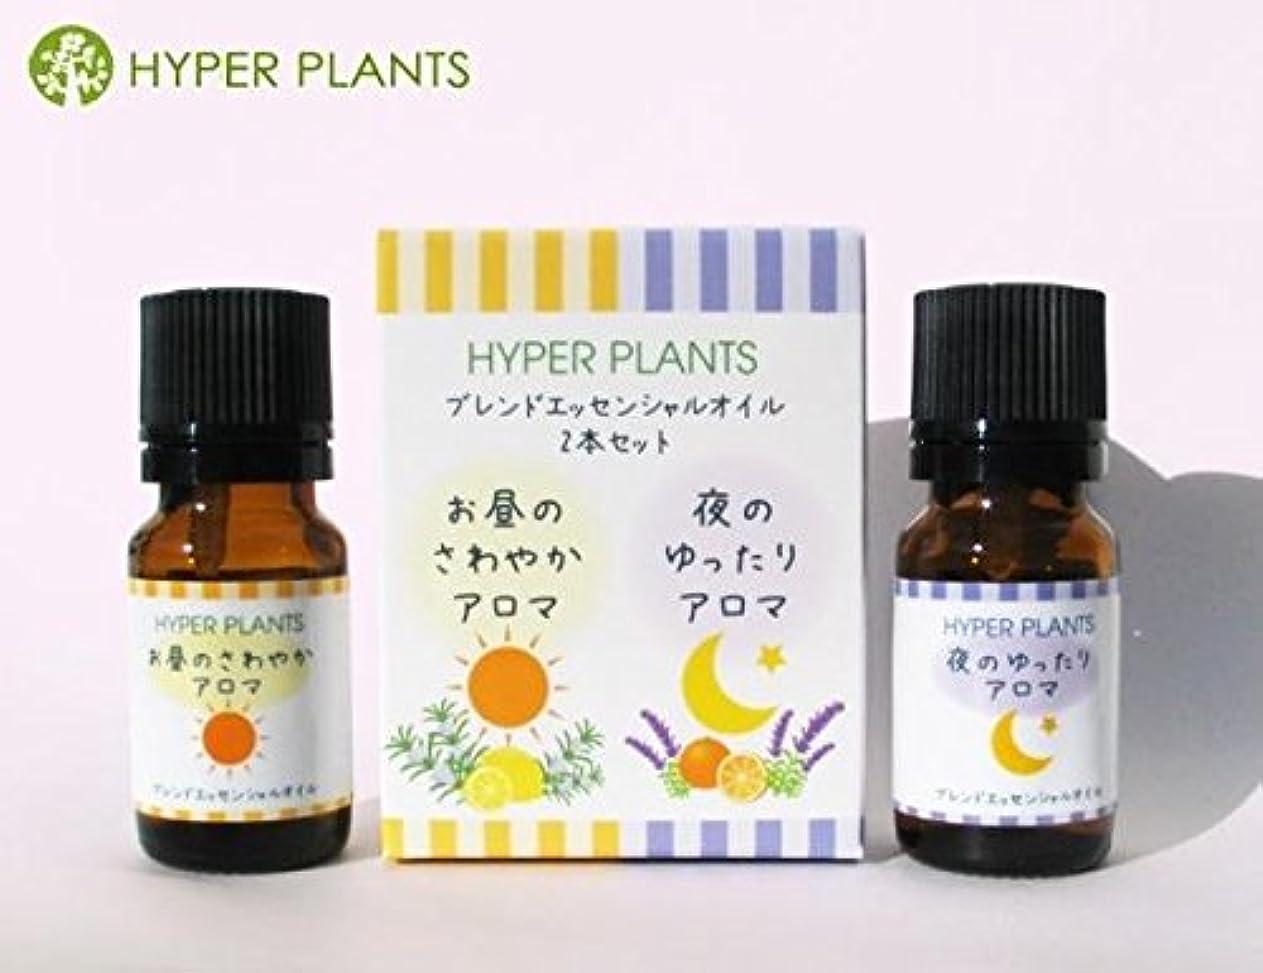 ダウンタウンポジションばかげているHYPER PLANTS ブレンドエッセンシャルオイル 昼夜2本セット